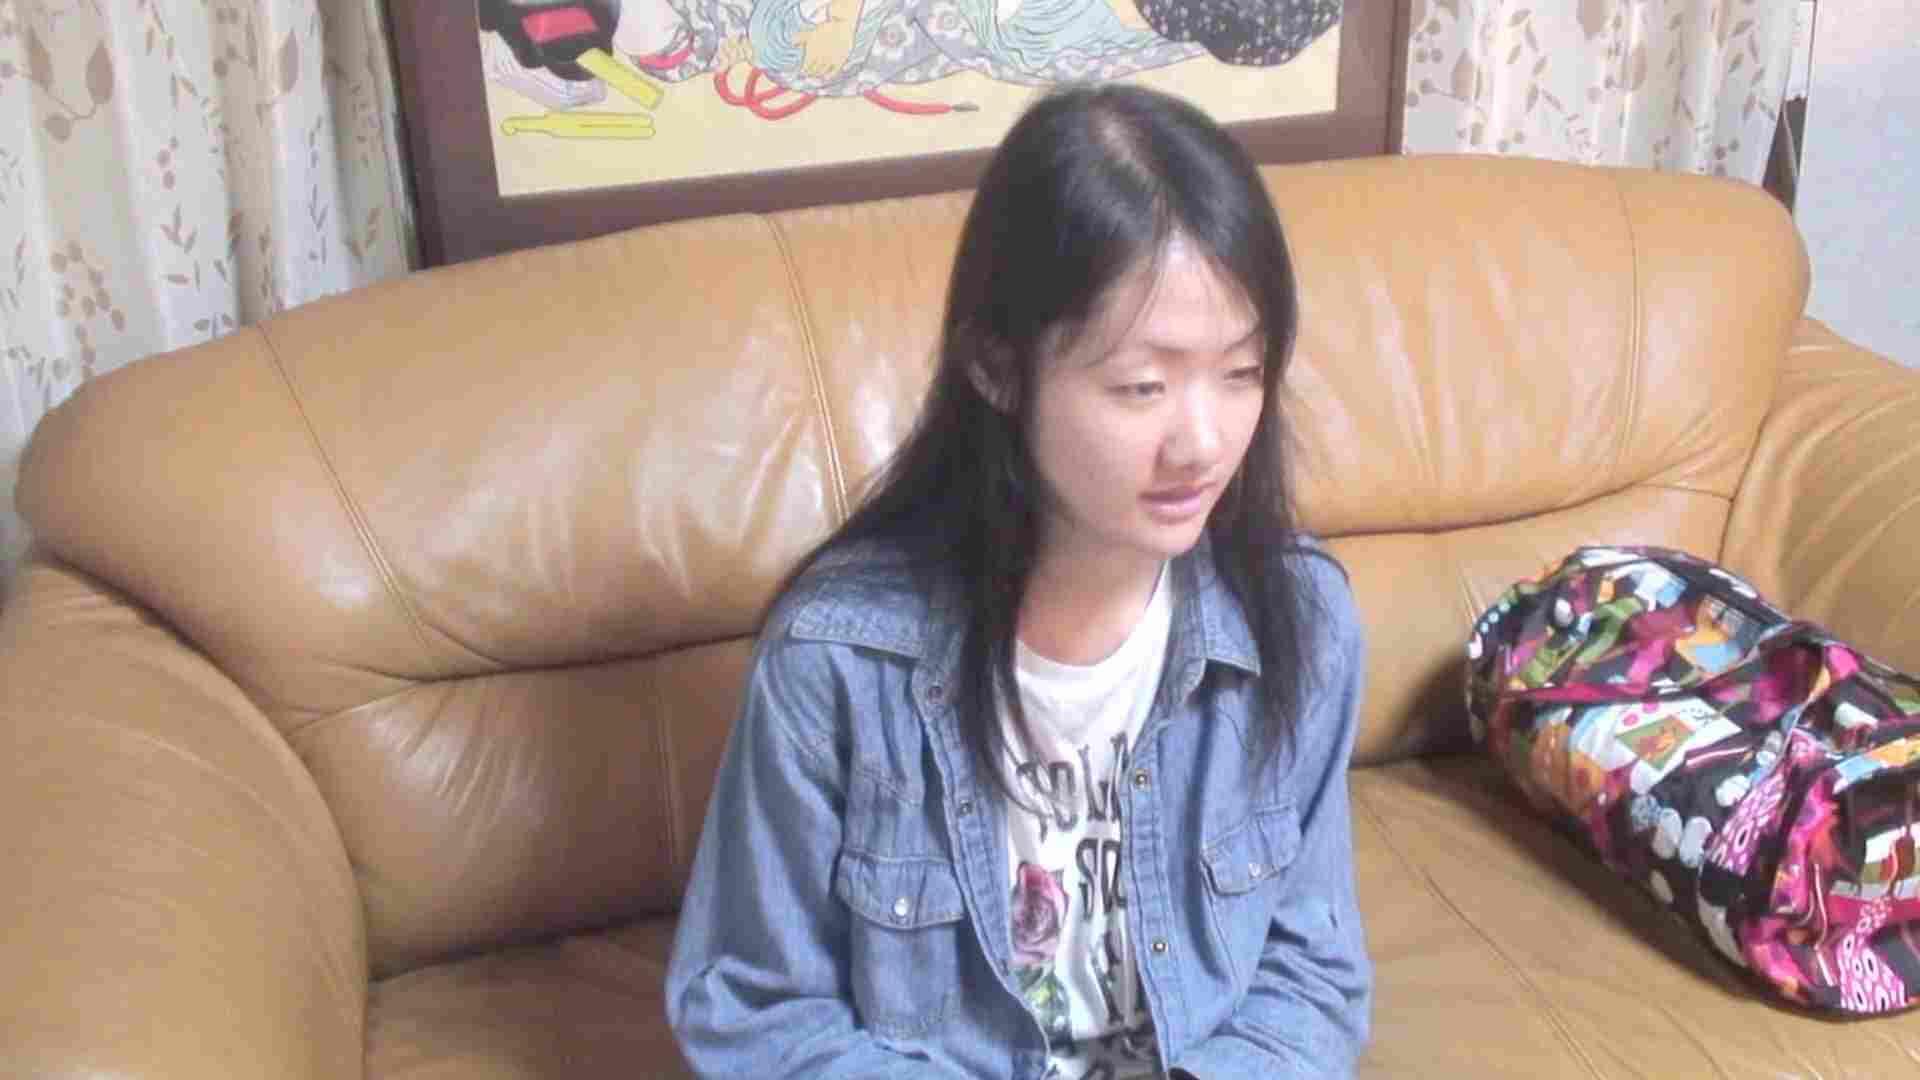 鬼才沖本監督作品 うさぎと呼ばれた女 アナル | リアルSEX  91PIX 5